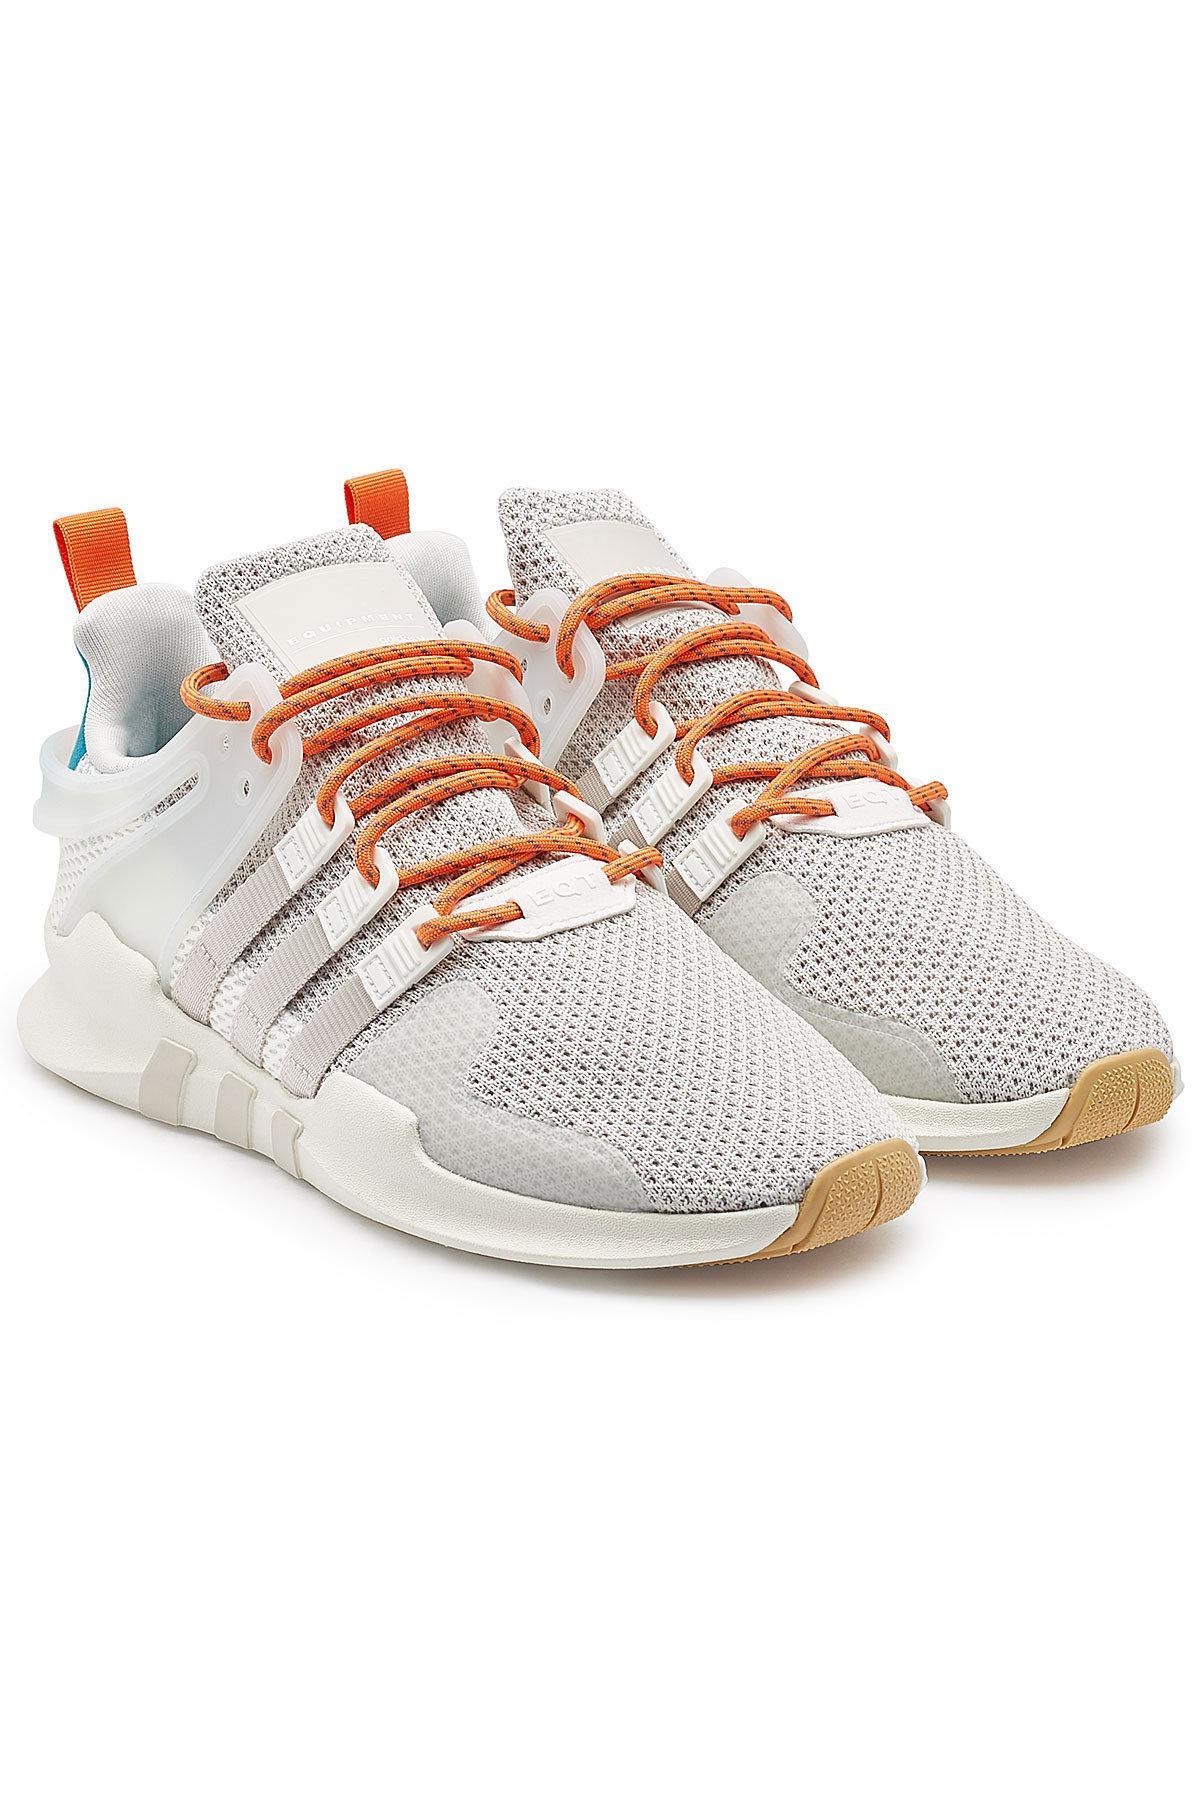 adidas tennis shoes, adidas Originals EQT SUPPORT ADV